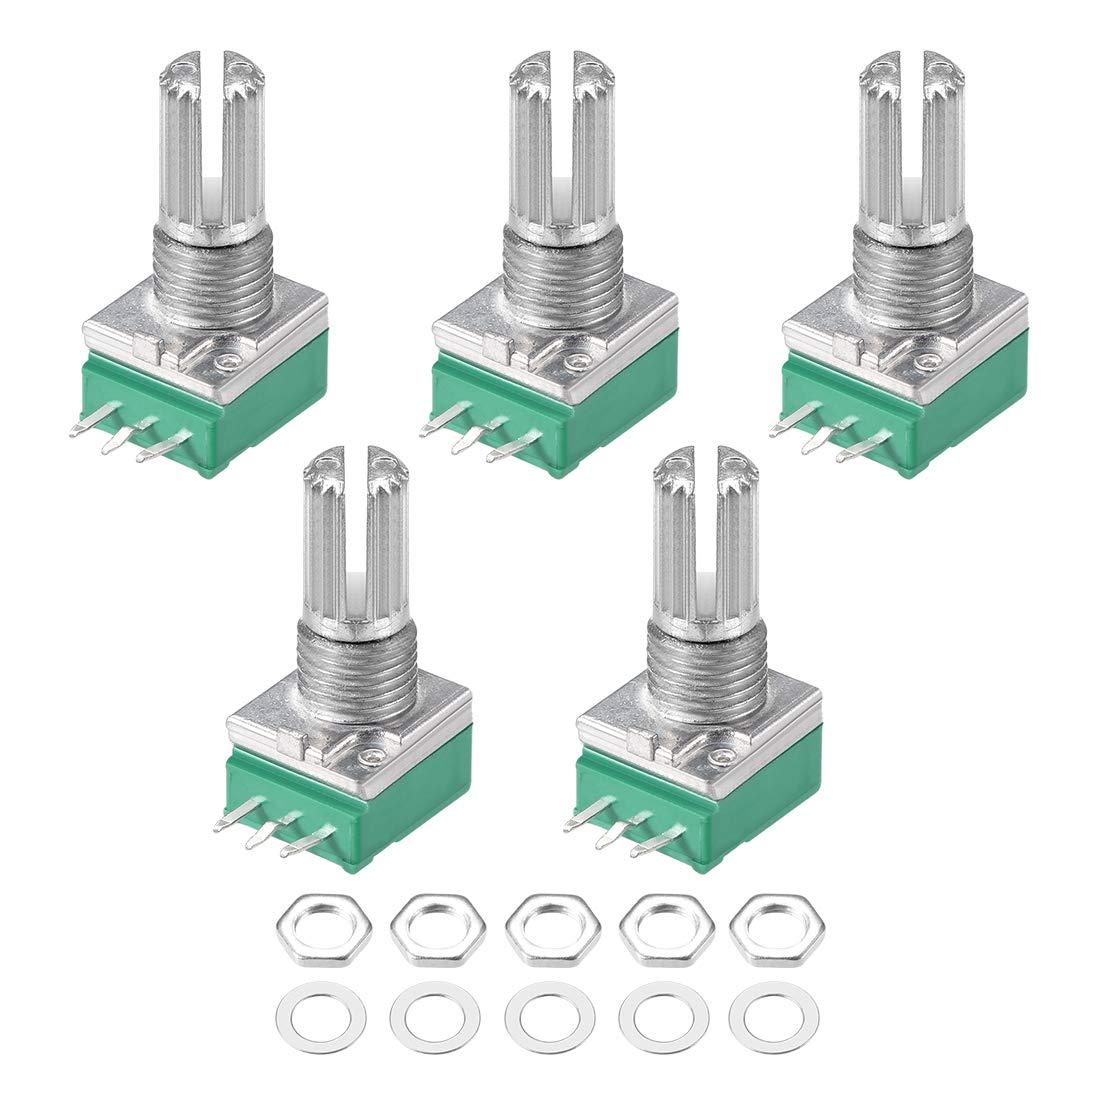 5 шт./лот RV097NS потенциометр B5K B10K B20K B50K B100K B500K потенциометр 3Pin вал с переключатель аудио запечатывания потенциометры